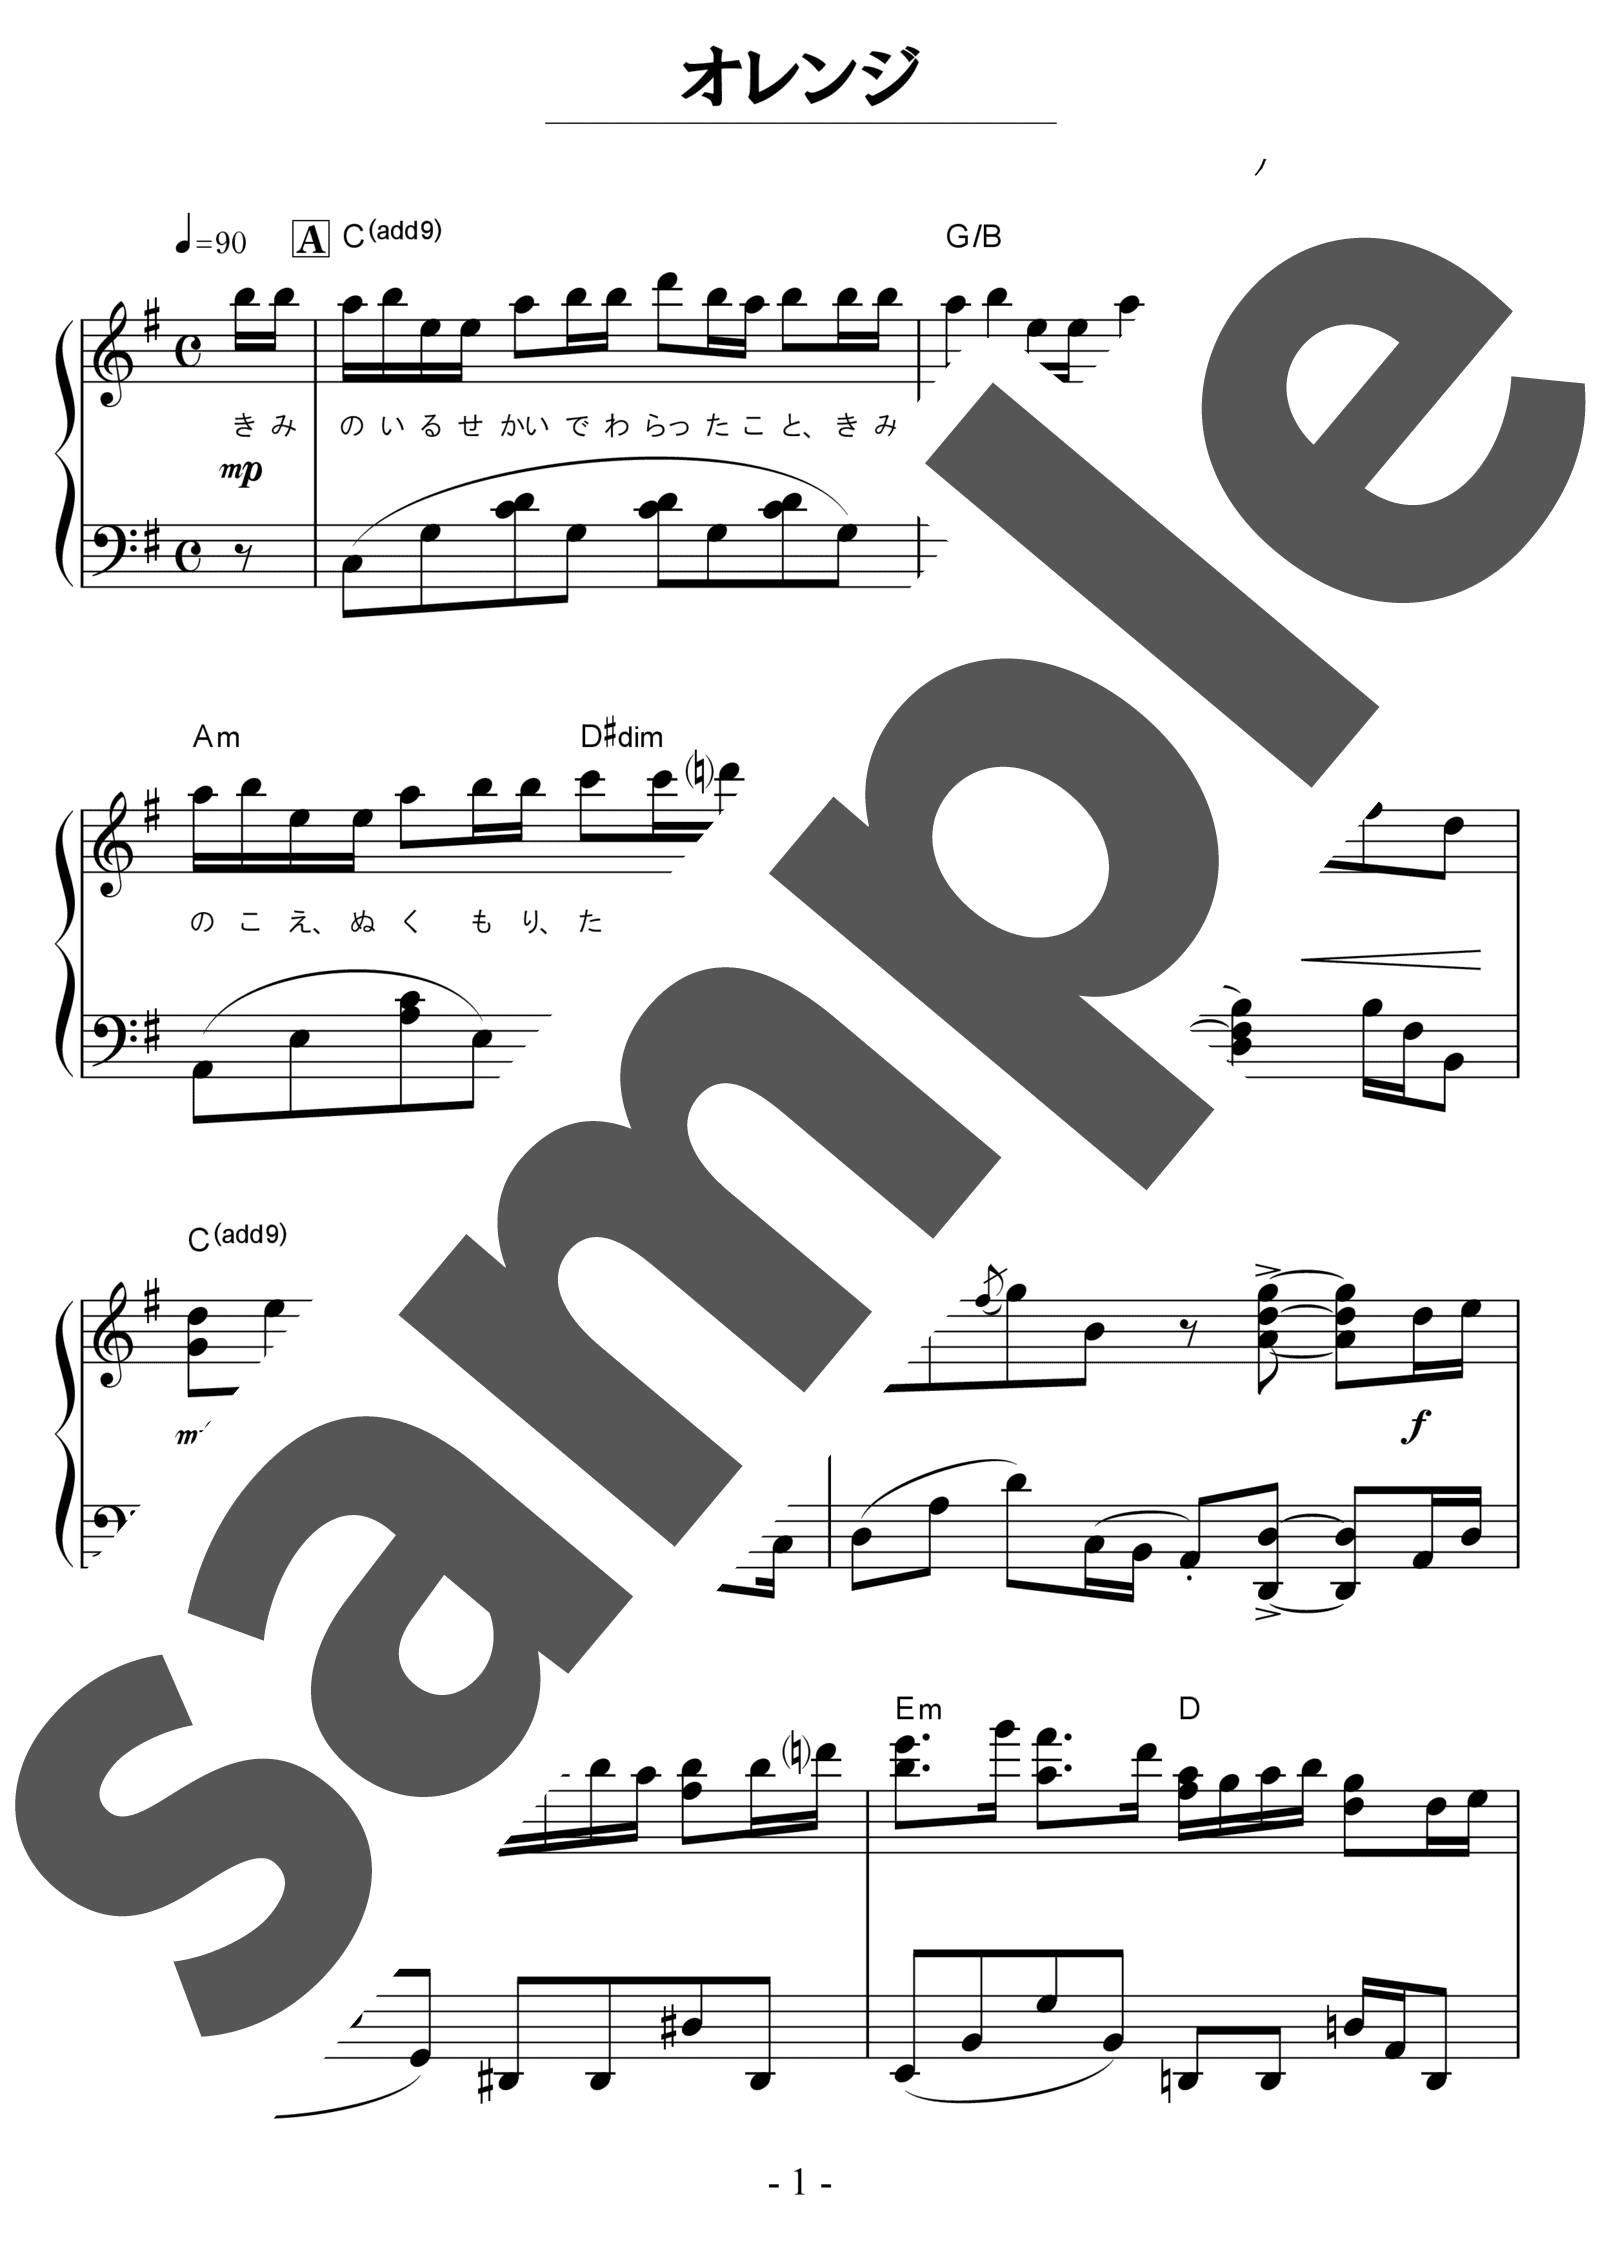 「オレンジ」のサンプル楽譜